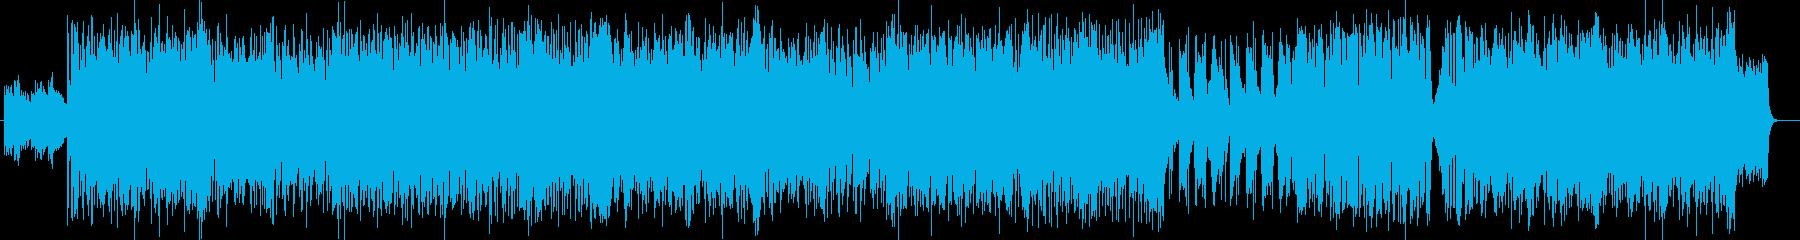 スピードと迫力のシンセ・ギターなどの曲の再生済みの波形